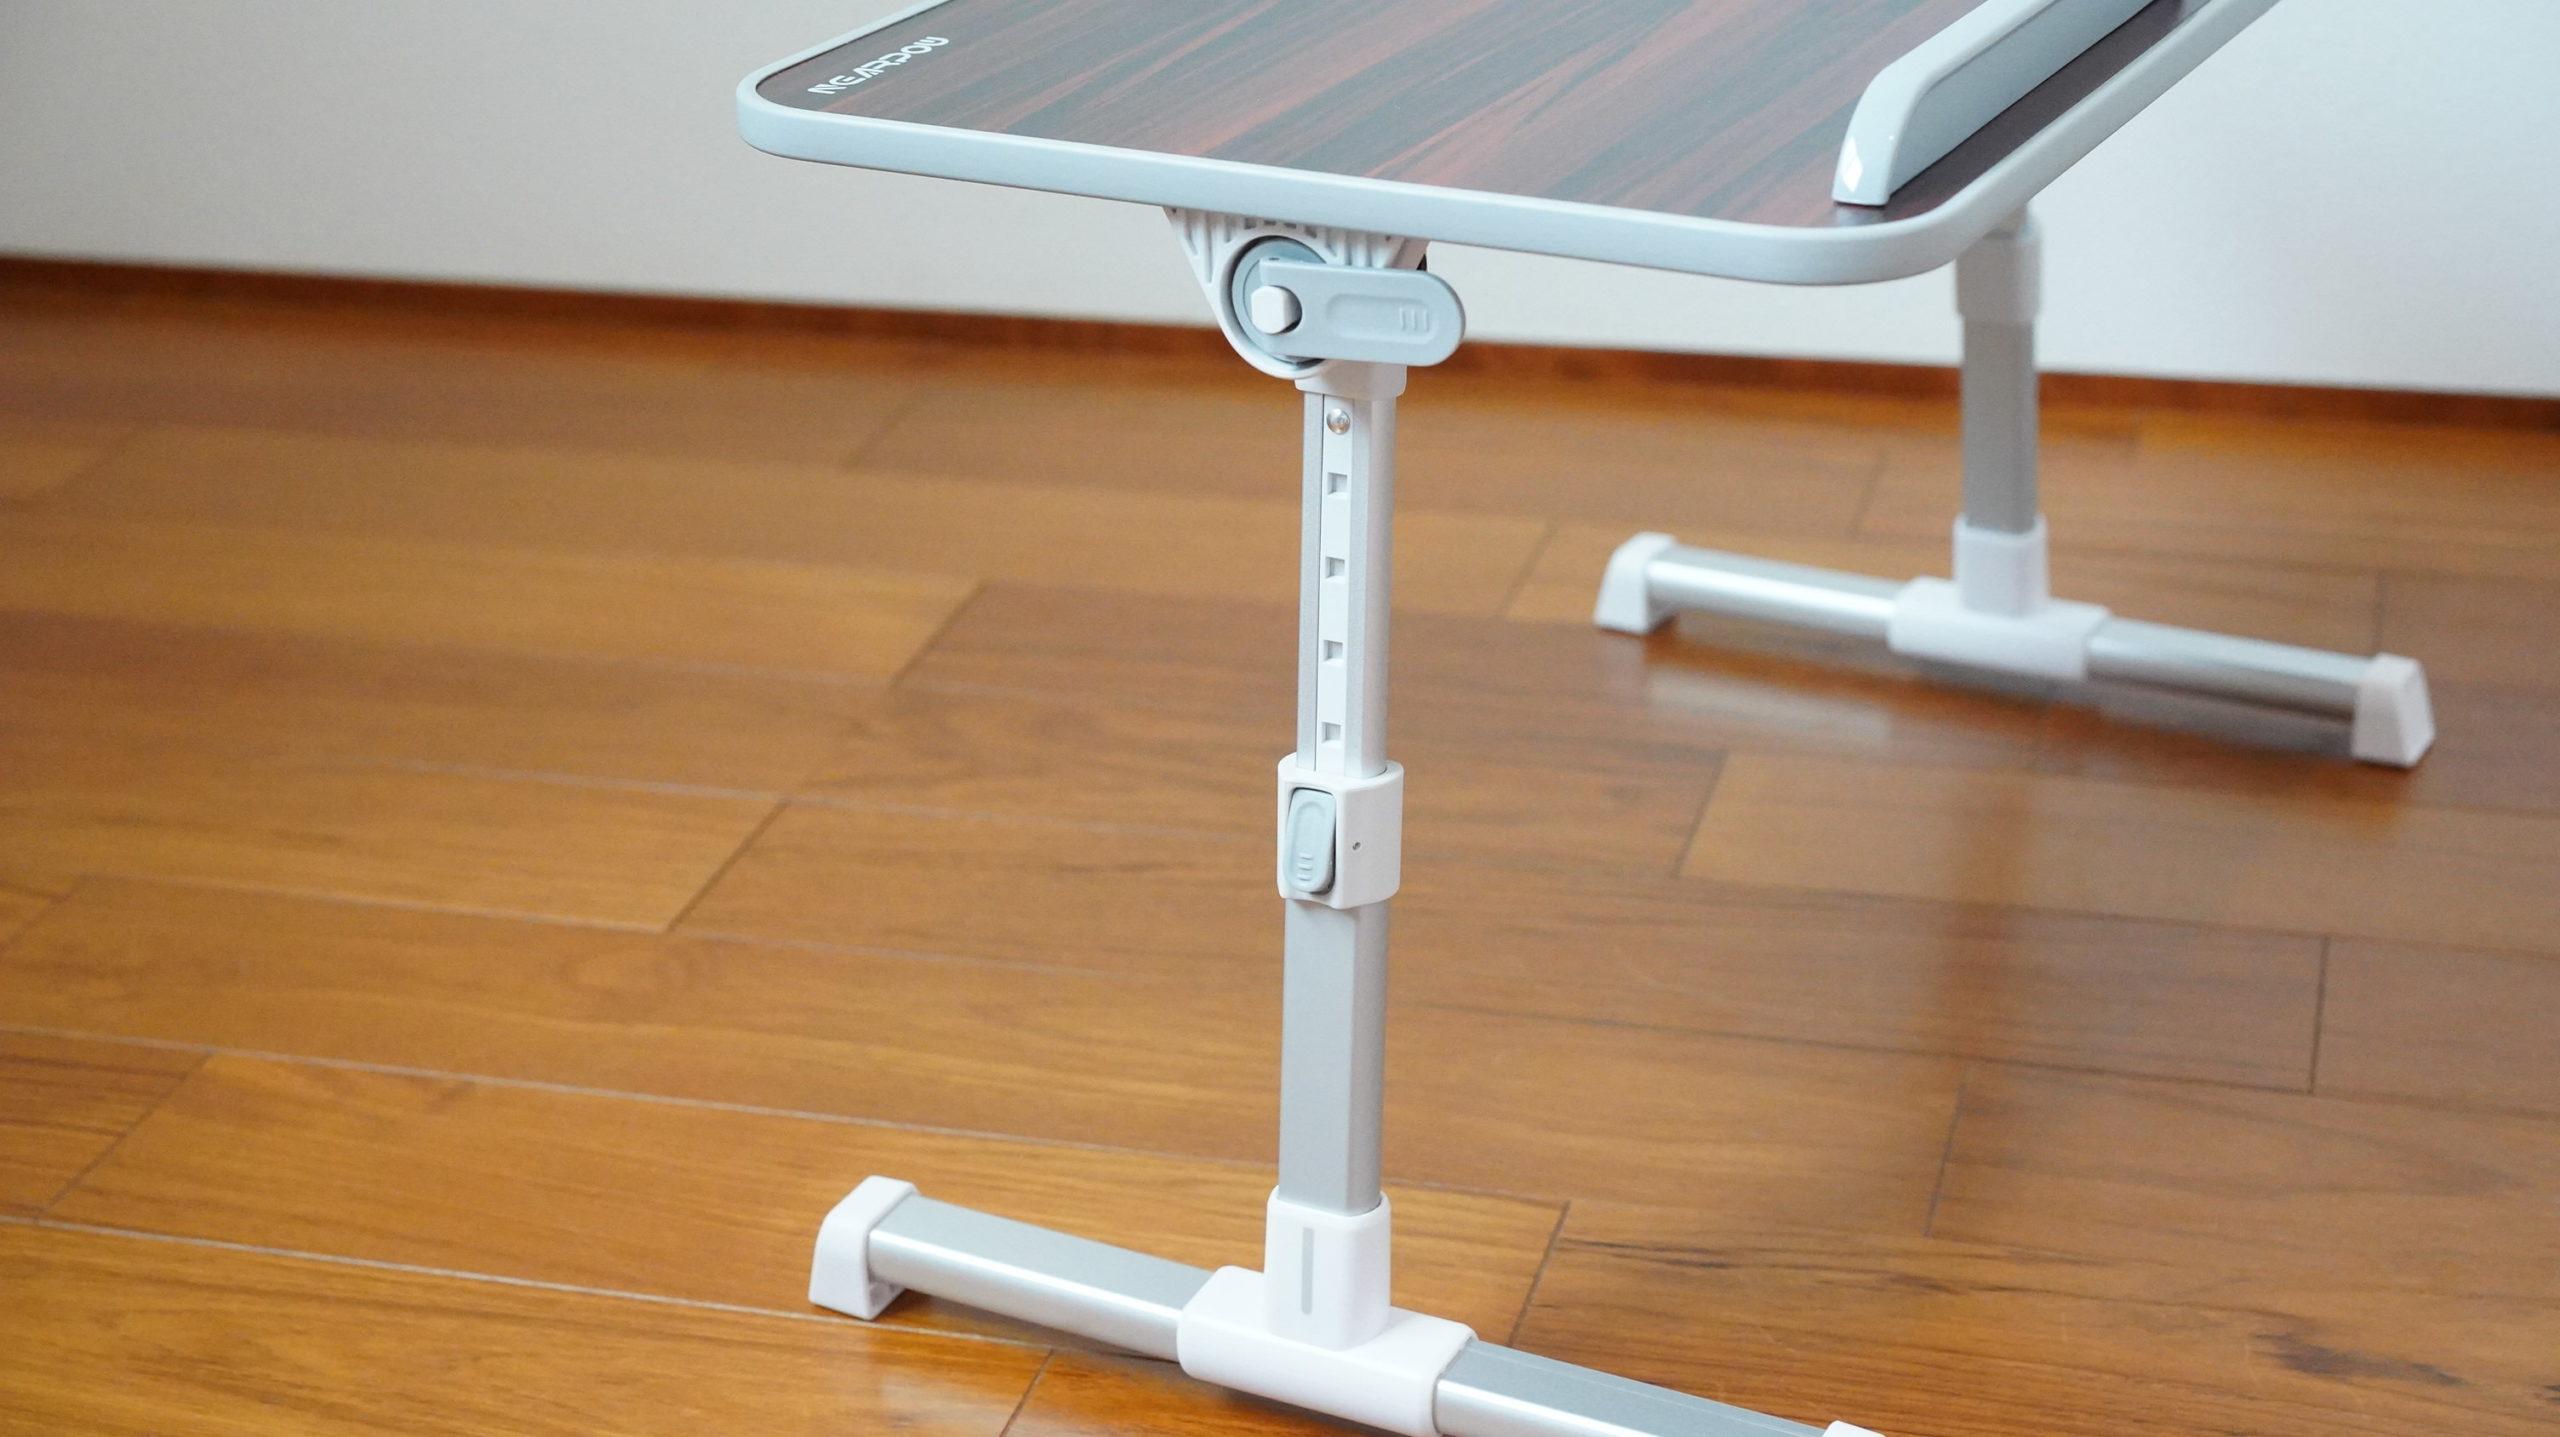 ソファやベッドでパソコン(ノートPC)の作業を姿勢良く行い、膝での作業をなくす最適なテーブル・スタンド12